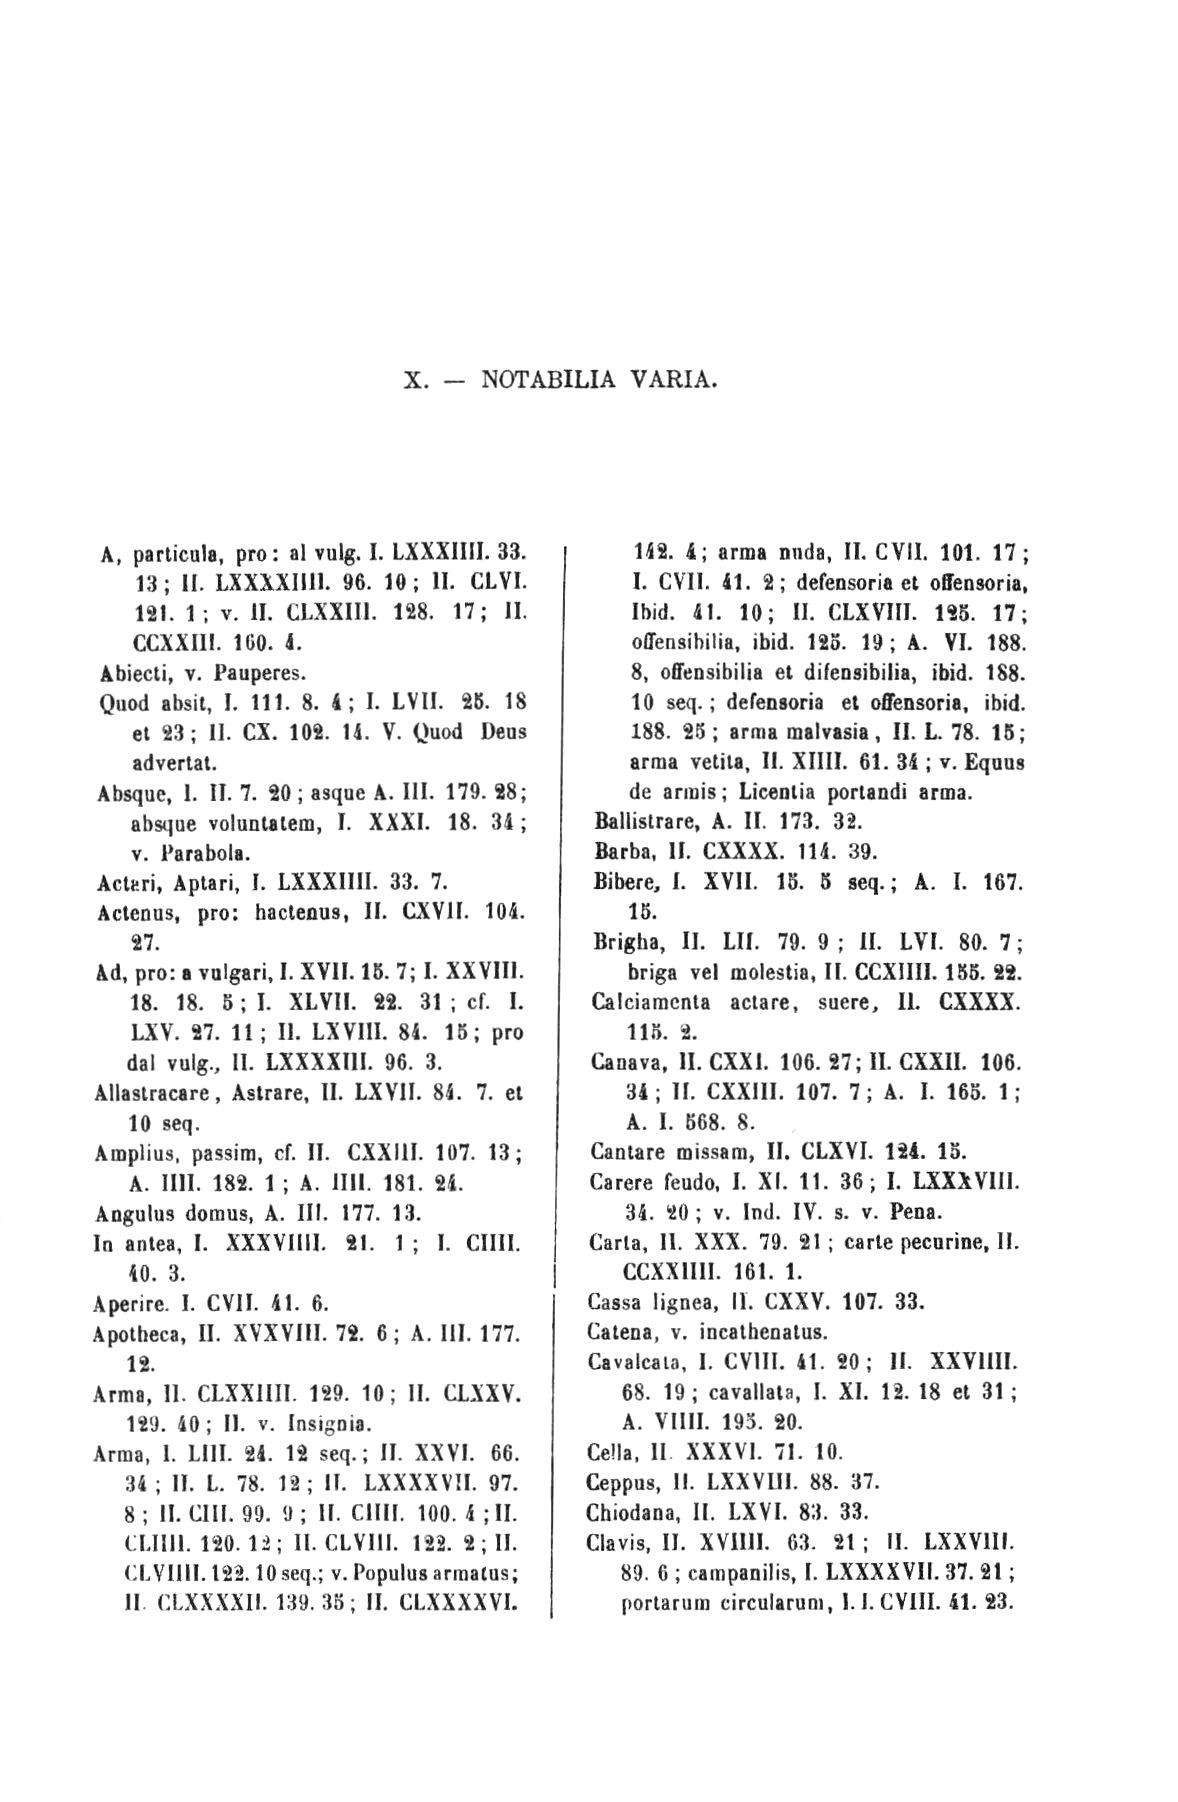 Statuti Pistoiesi sec. XIII 0347.jpg